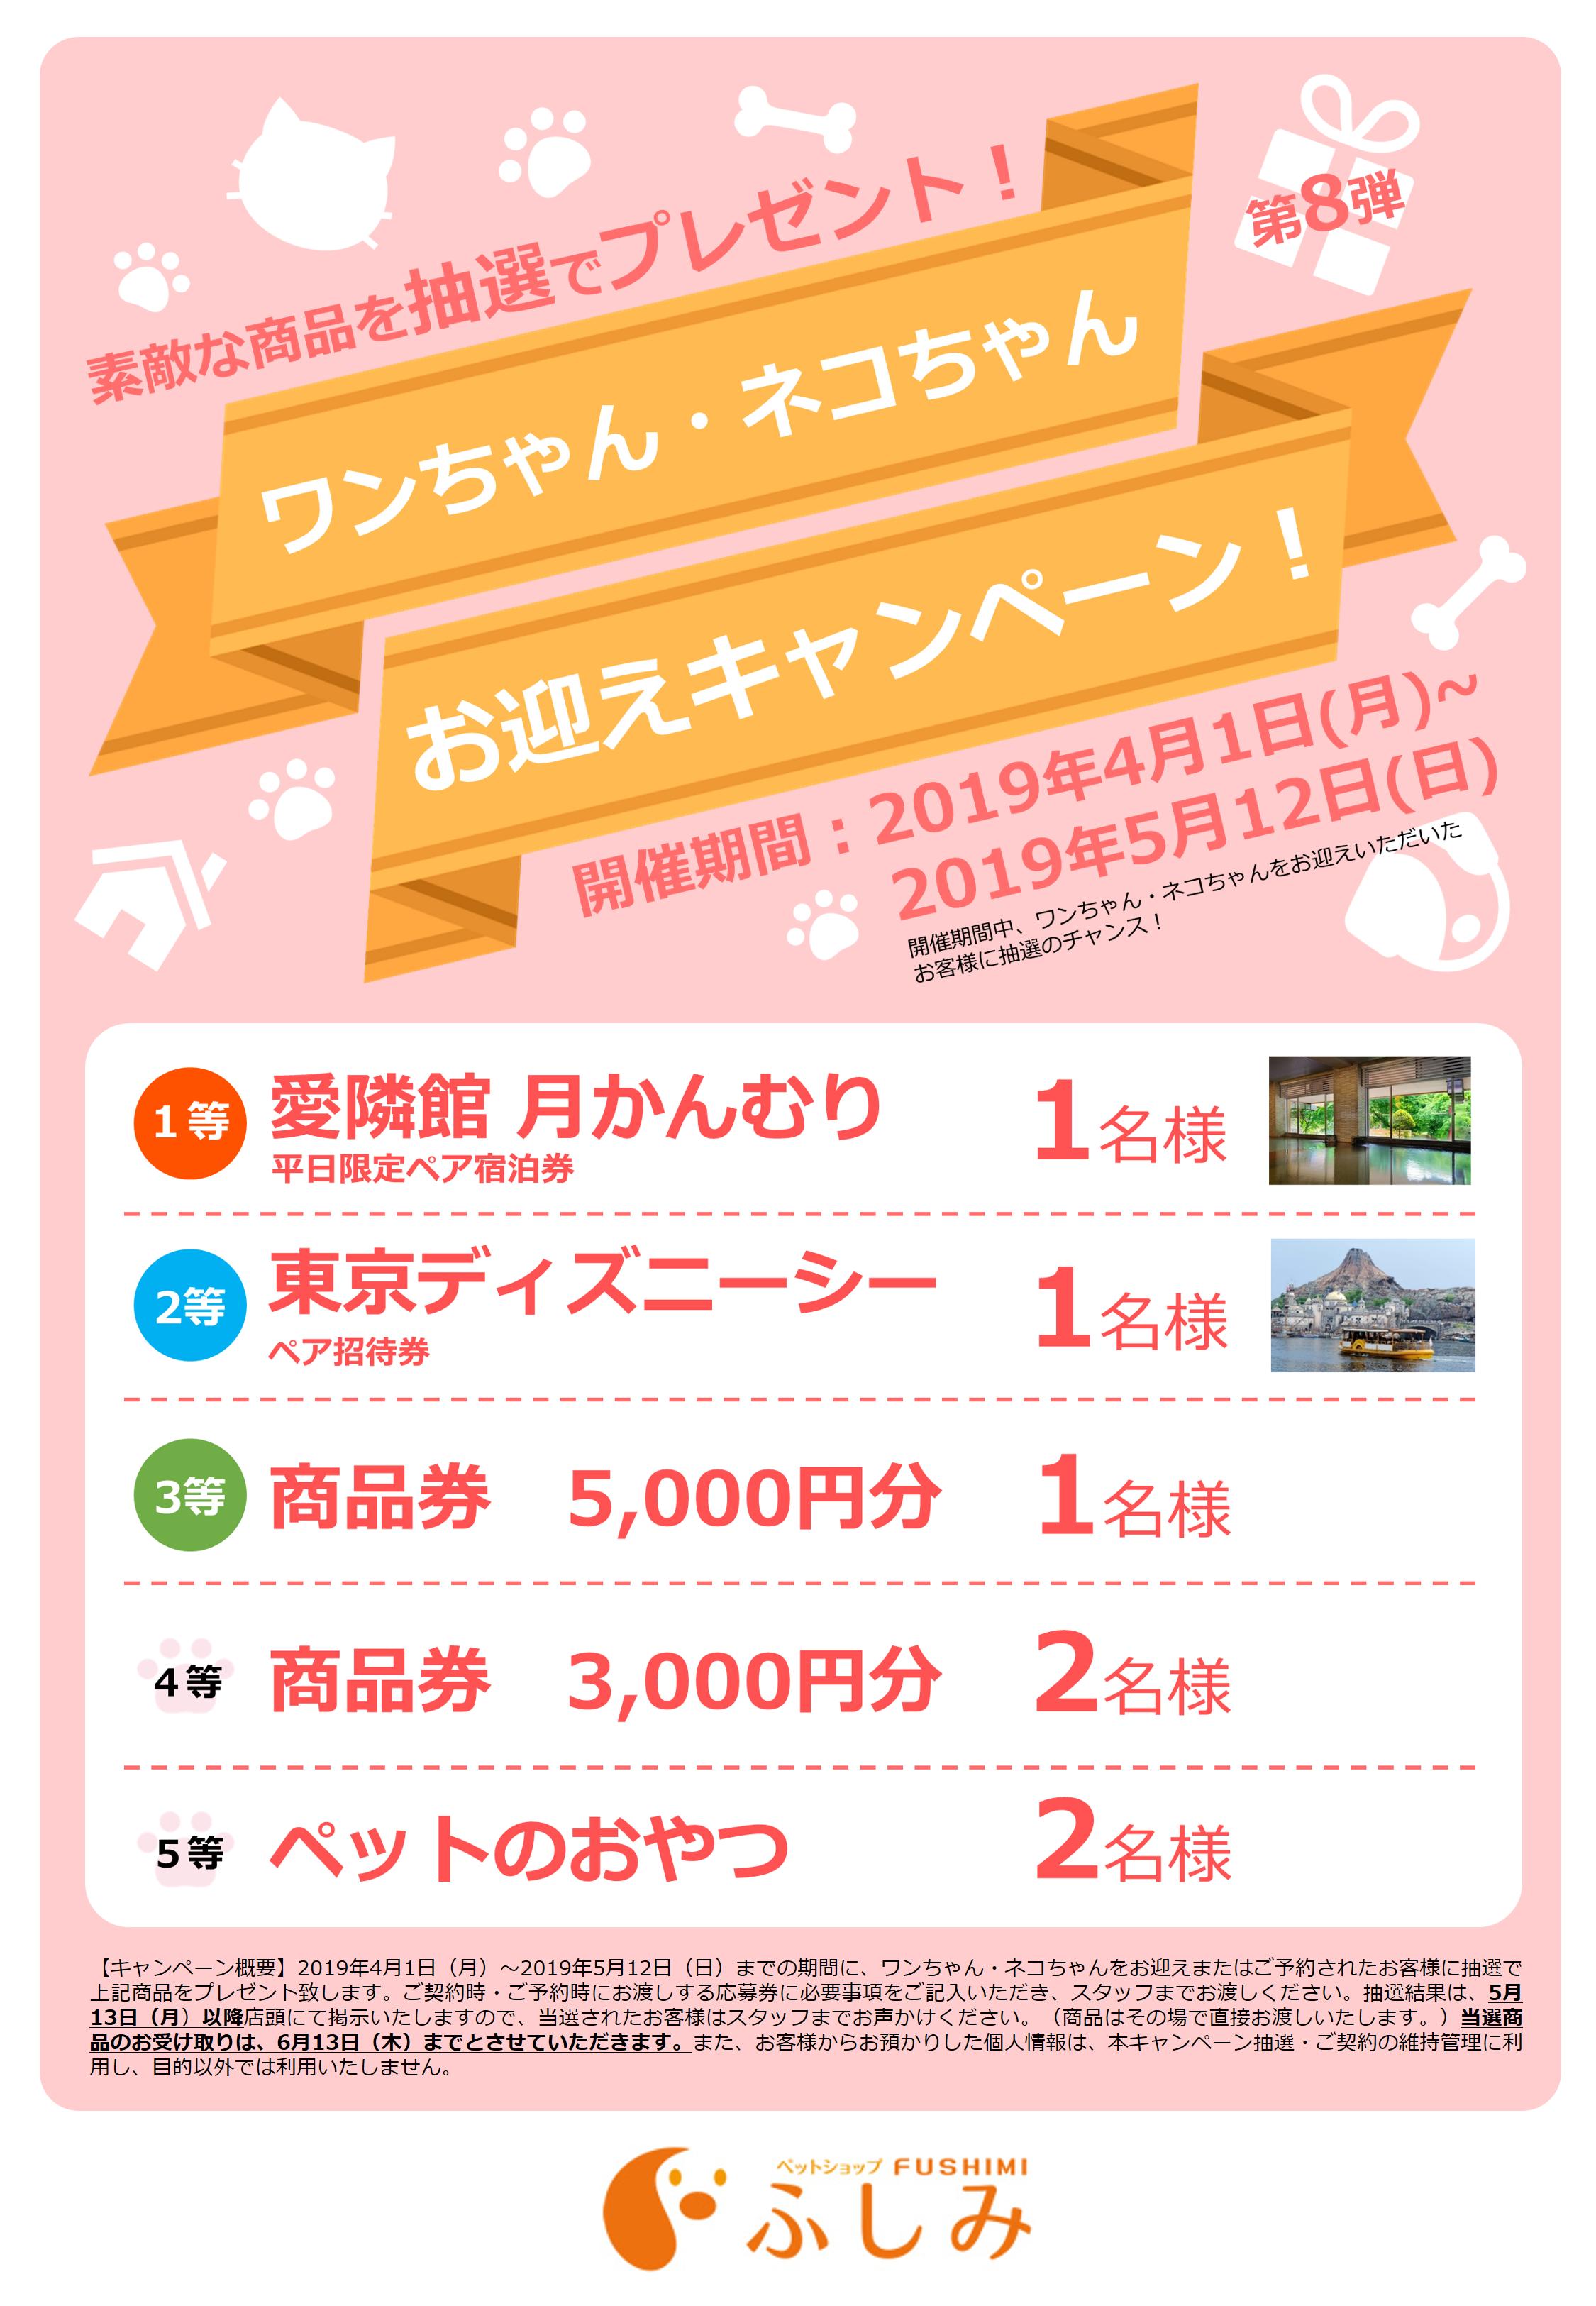 2019年・第8弾・お迎えキャンペーン開催・一関店・ふしみ~・~4/1~5/12迄開催・第28日回・TVCM放映・取材風景